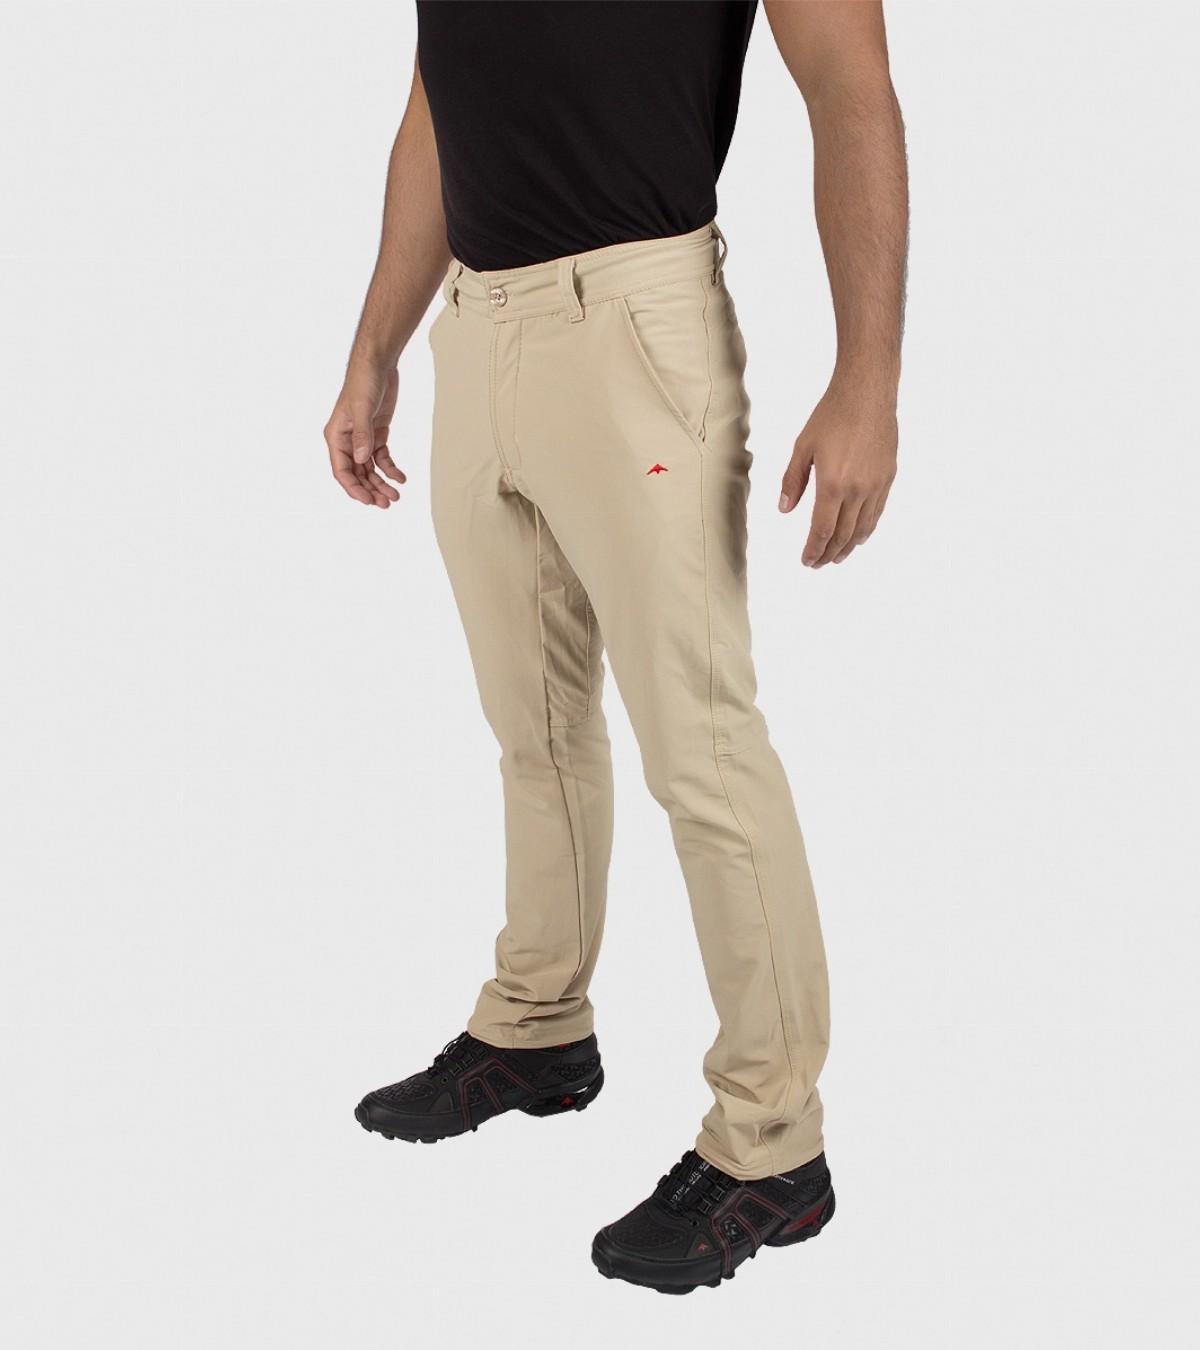 Pantalón de hombre Ribbon